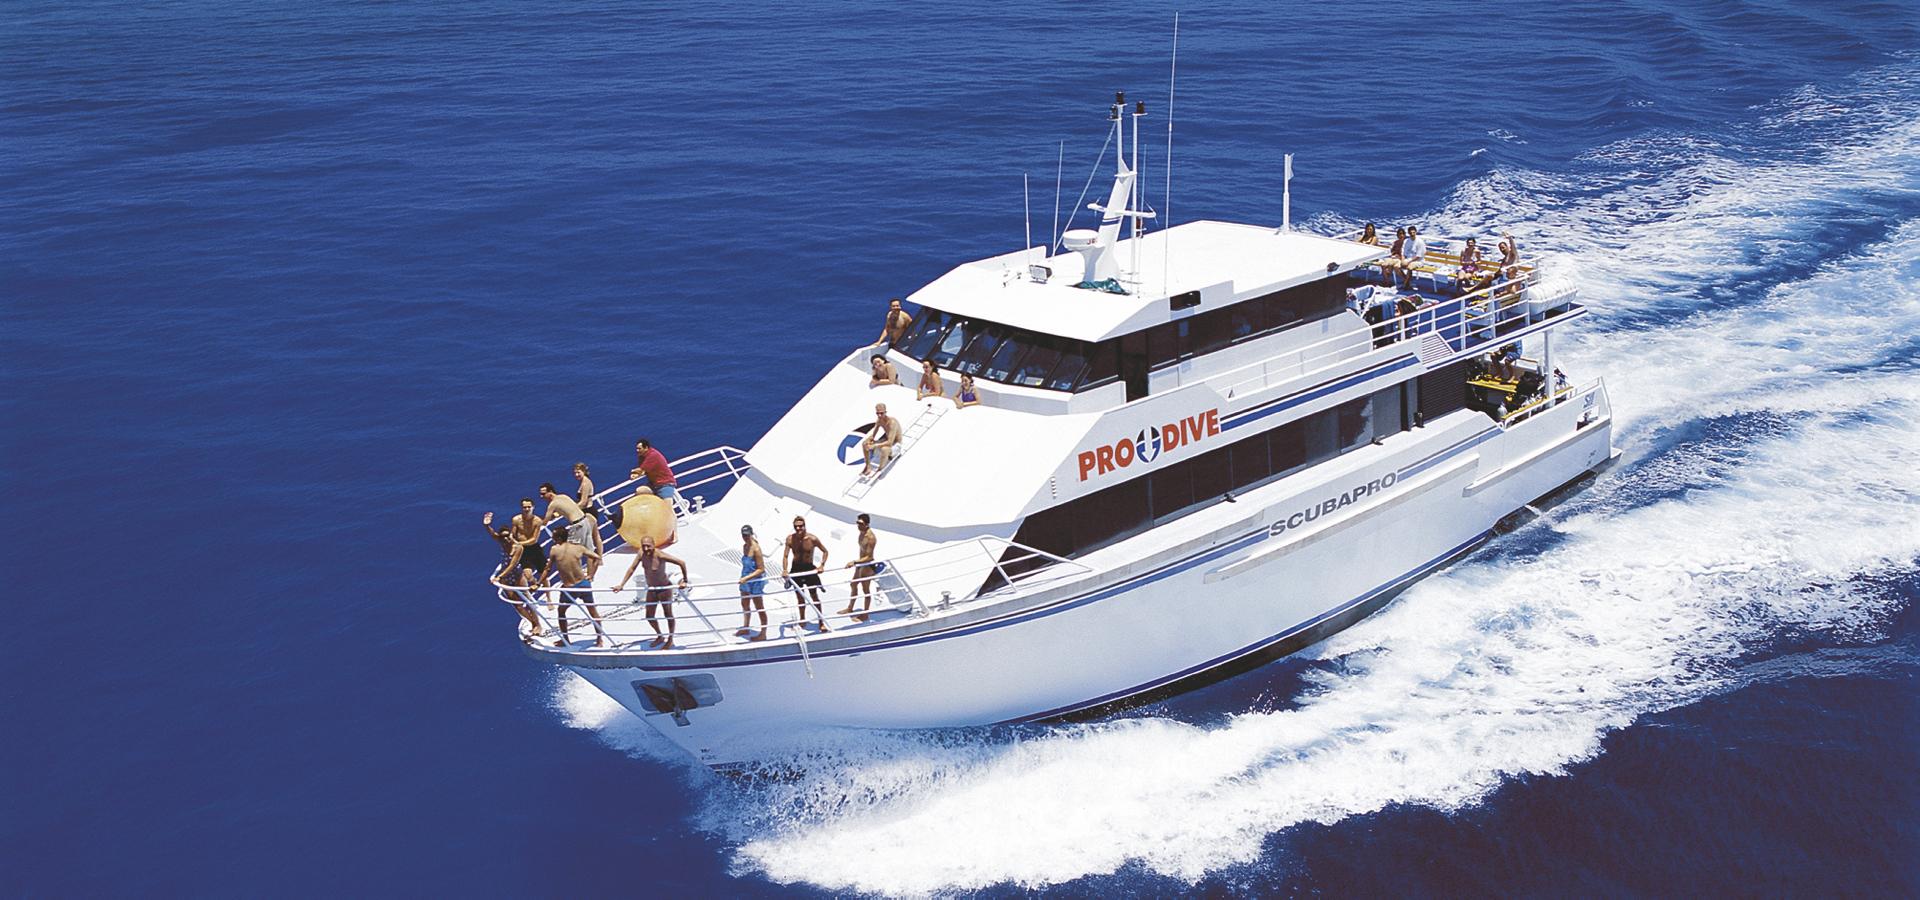 Pro Dive Scubapro Schiff